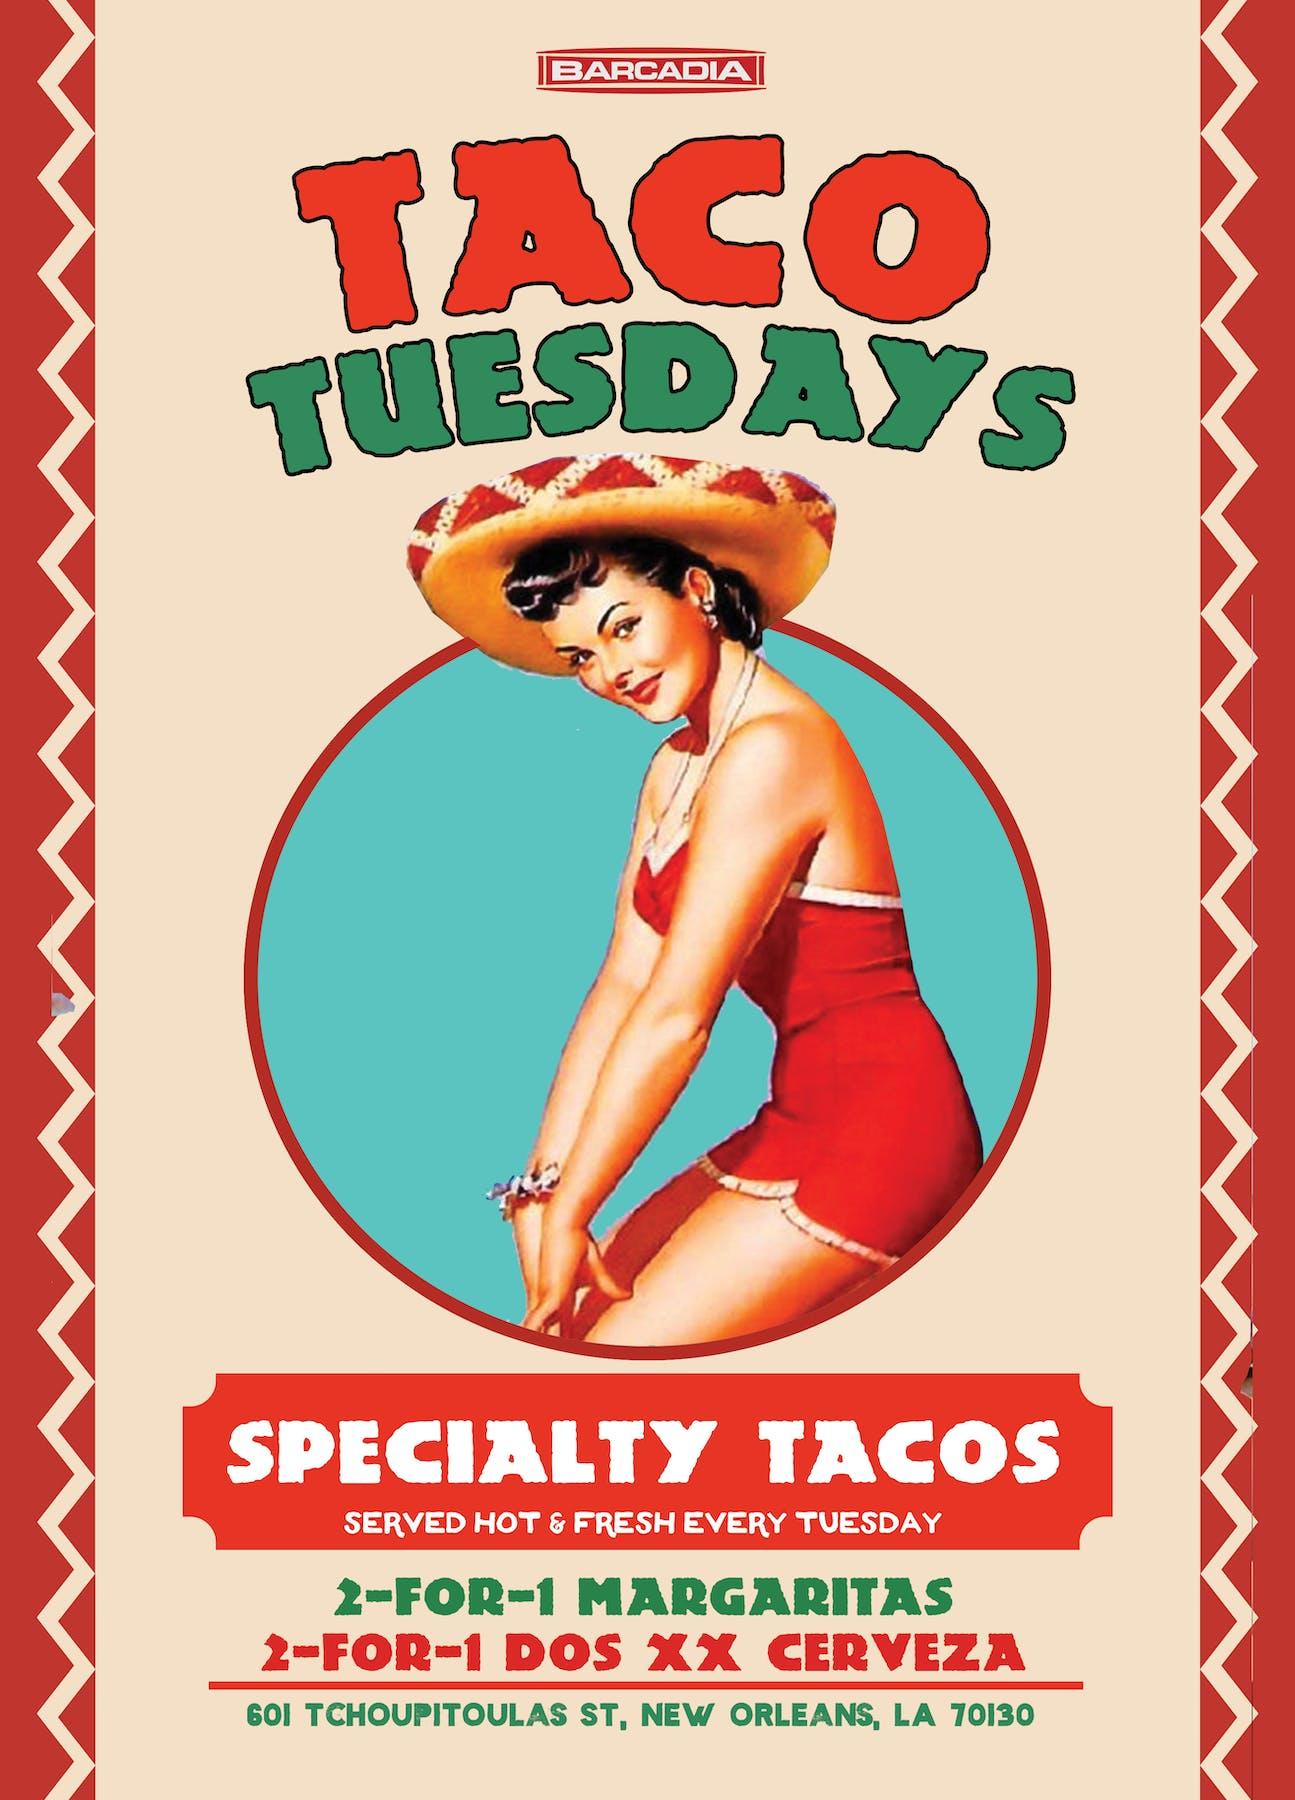 Taco Tuesdays Barcadia